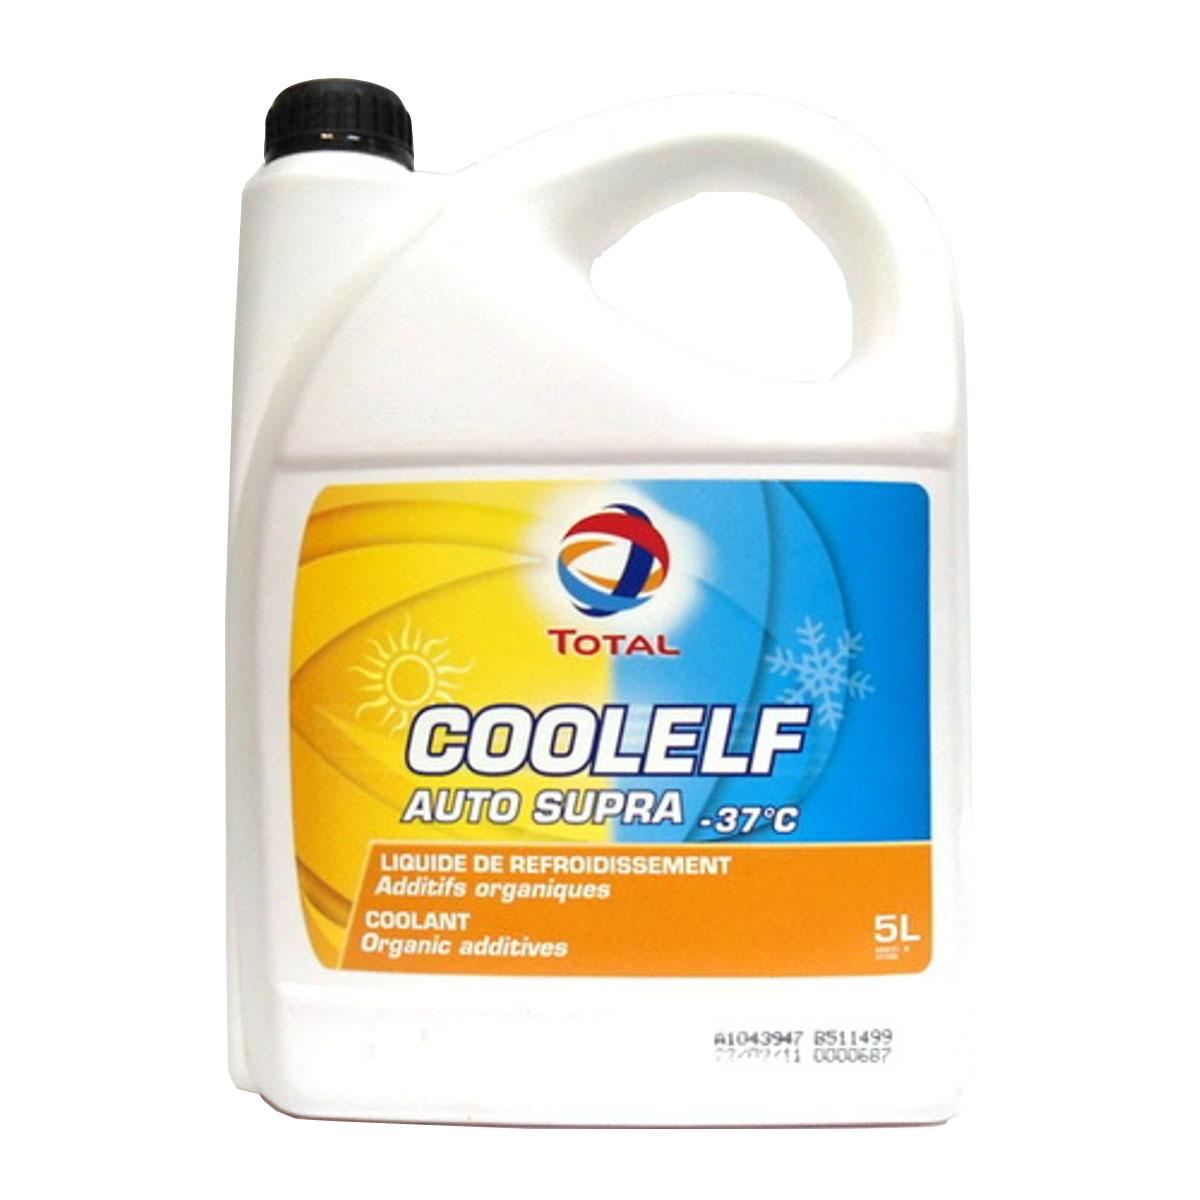 Охлаждающая жидкость Total Coolelf Auto Supra -37, 5 л147989Готовая охлаждающая жидкость с экстраувеличенным сроком службы на основе моноэтиленгликоля и органических ингибиторов коррозии. Температура застывания: -37°С. интервал замены – 5 лет (650 000 км для грузовиков, 250 000 км для легковых автомобилей). уменьшает износ блока цилиндров и водяной помпы. не содержит силикатов, фосфатов, хроматов, нитритов или боратов.AFNOR NFR 15-601, BS 6580, ASTM D 3306, ASTM D 4656, ASTM D4985, MB 325.3, DEUTZ / MWM, FORD, MAN 324 TYP SNF, VW TL 774D, JAGUAR, LEYLAND TRUCKS, OPEL-GM 6277M, RENAULT VI, SCANIA, SAAB, SEAT, SKODA